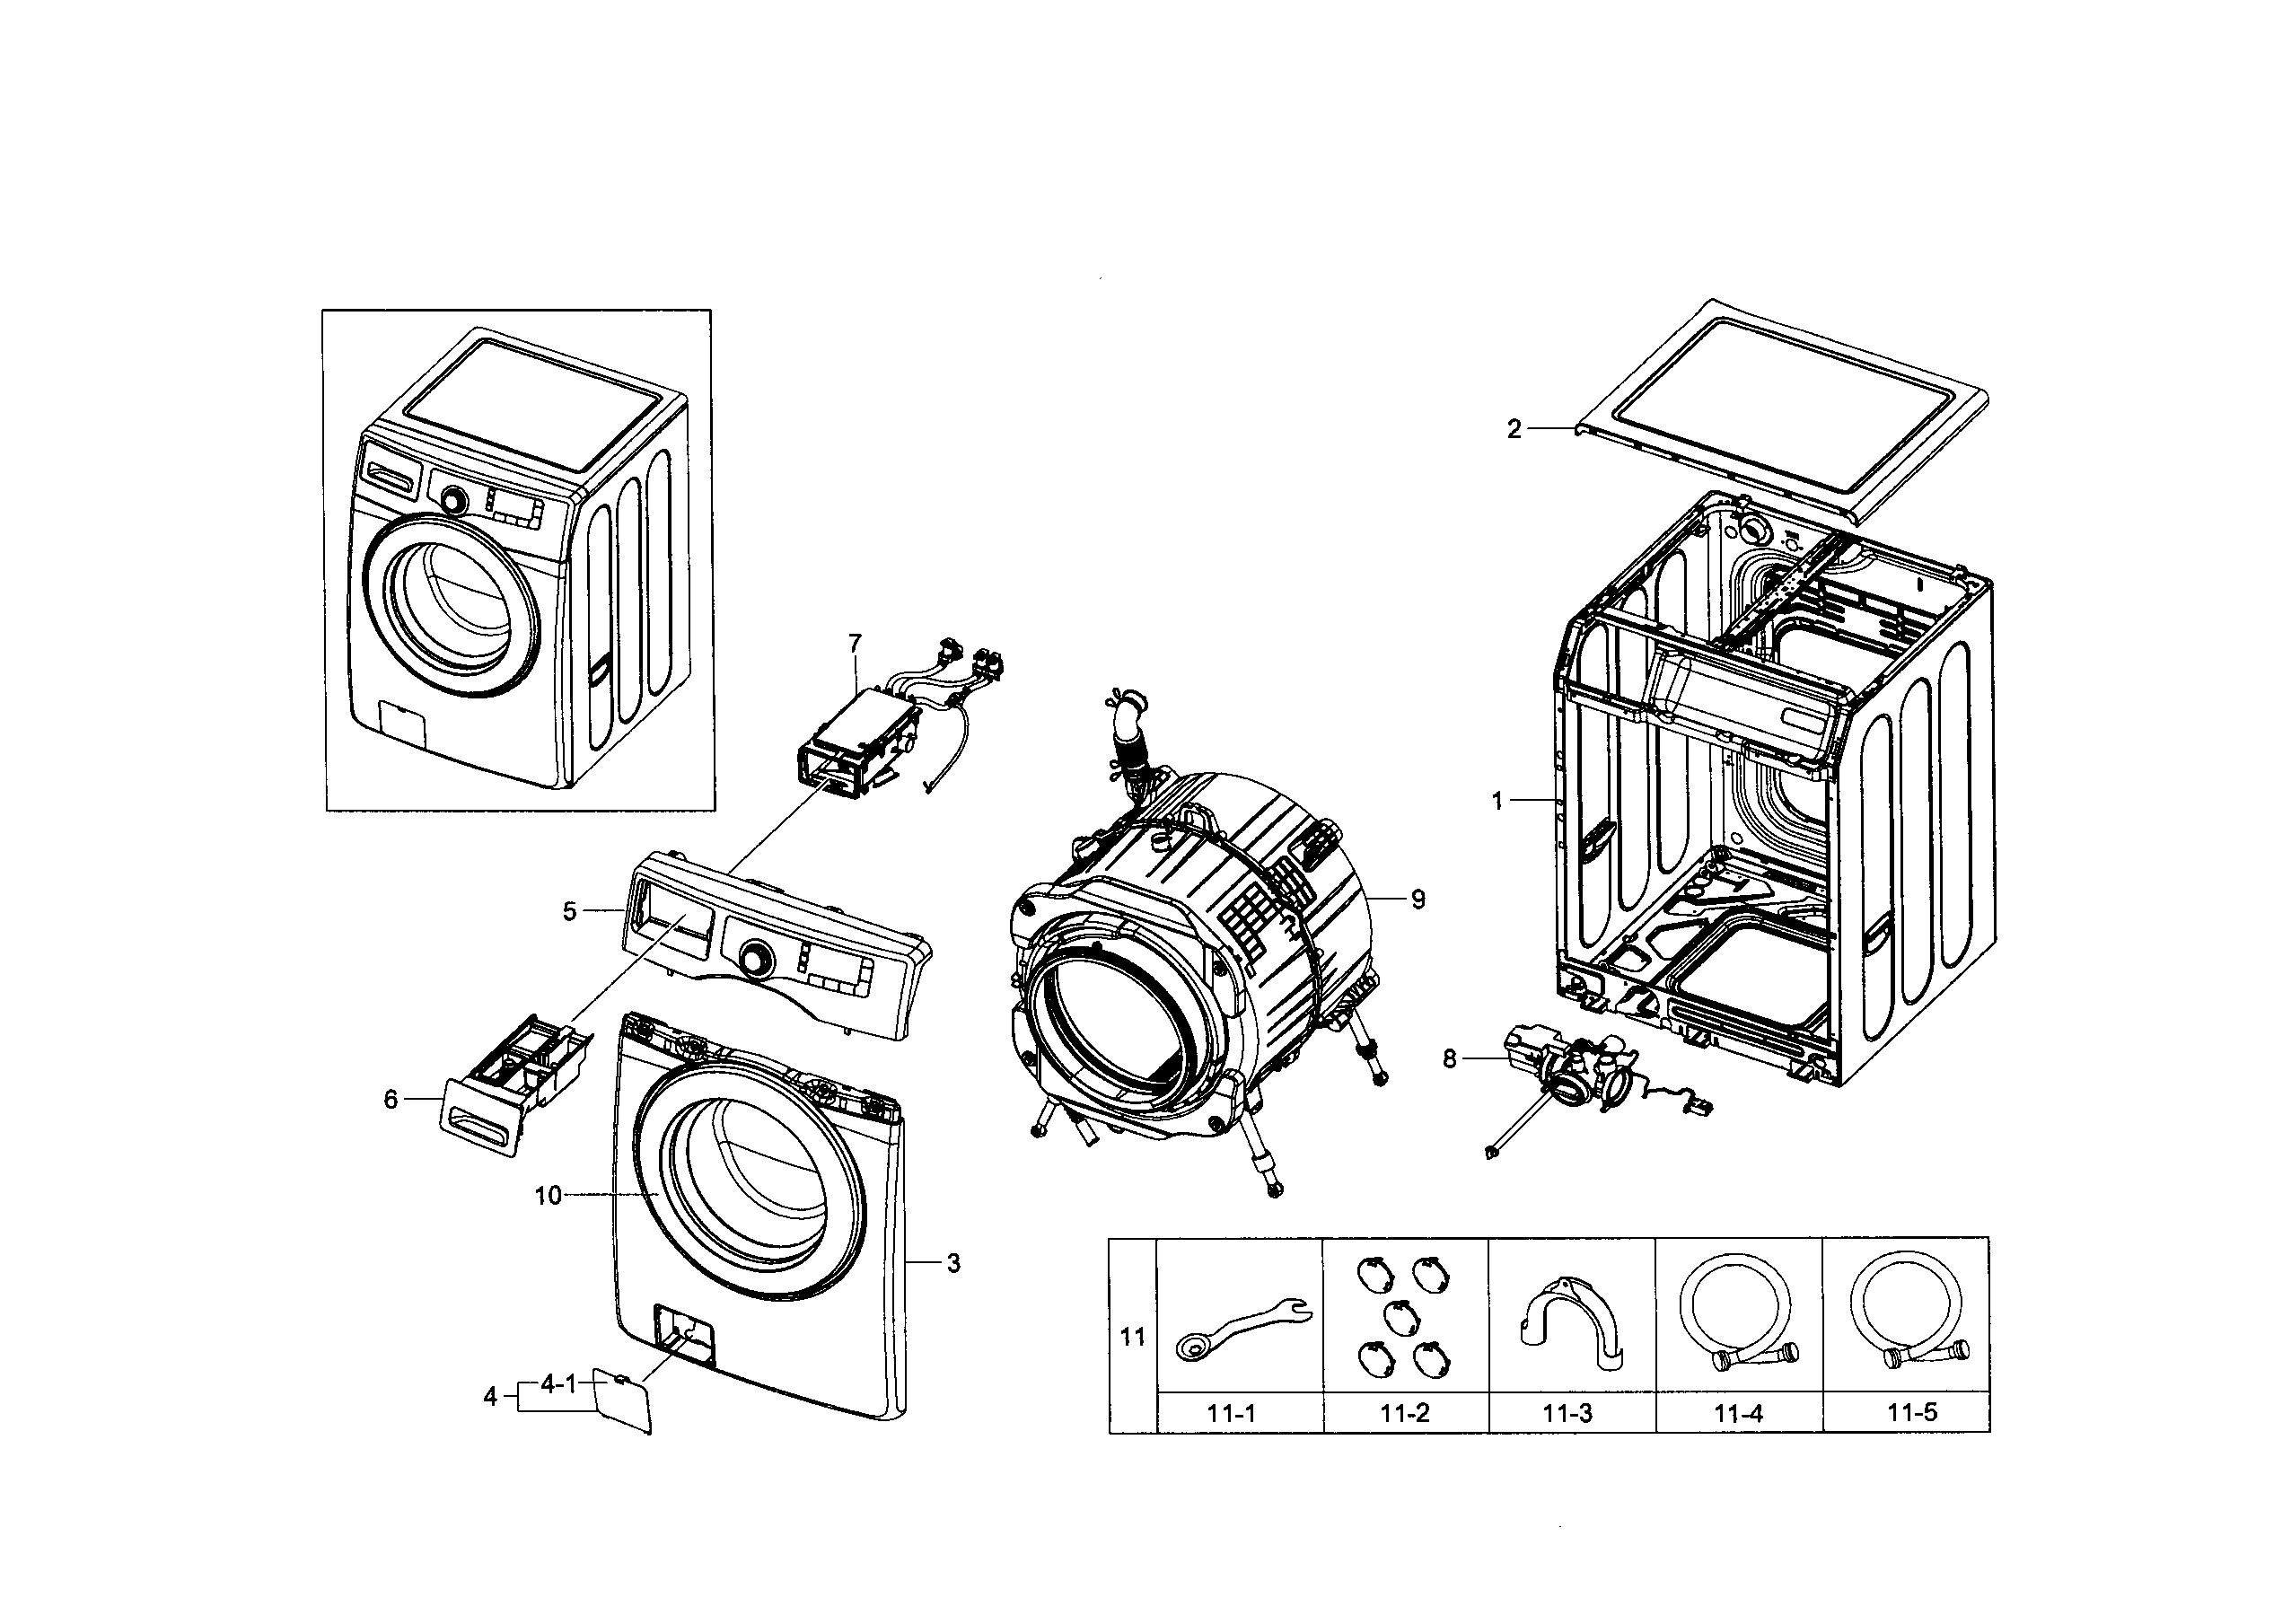 samsung washer parts